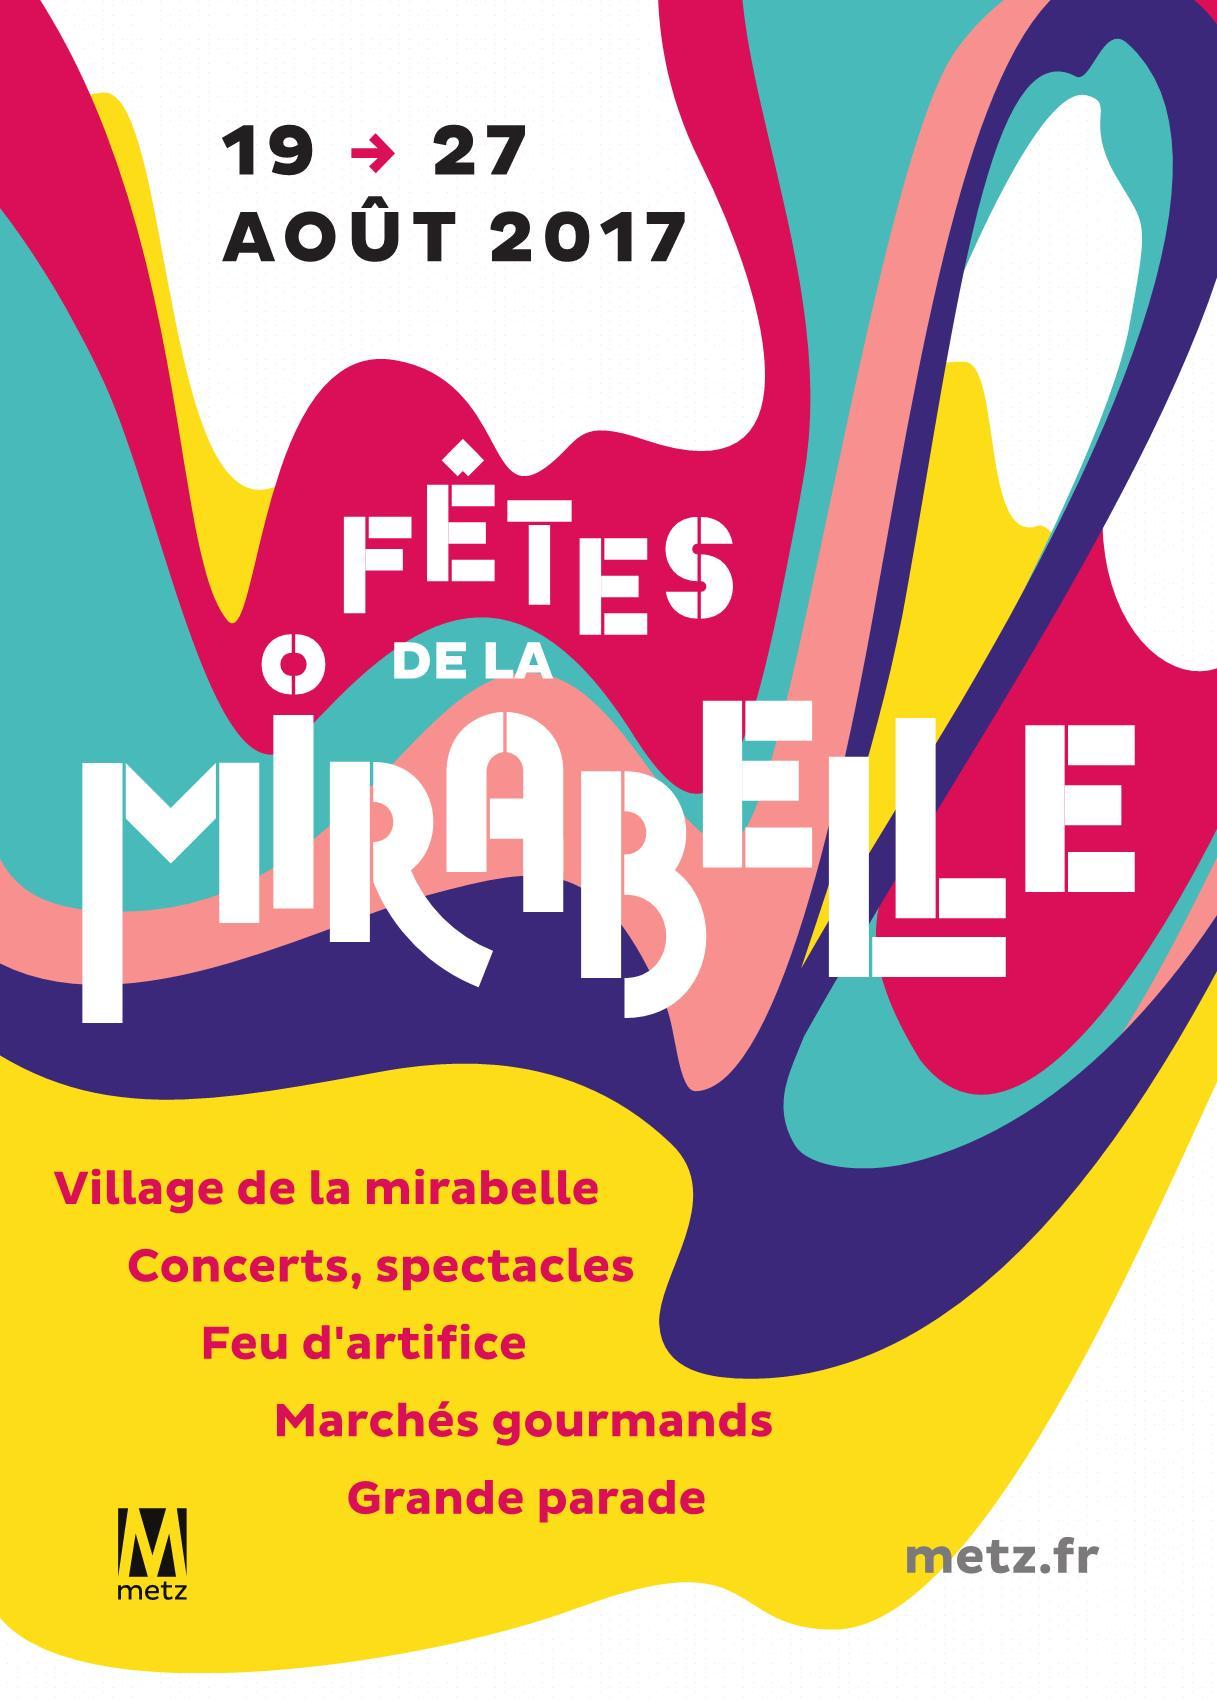 Programme Fête de la Mirabelle 2017